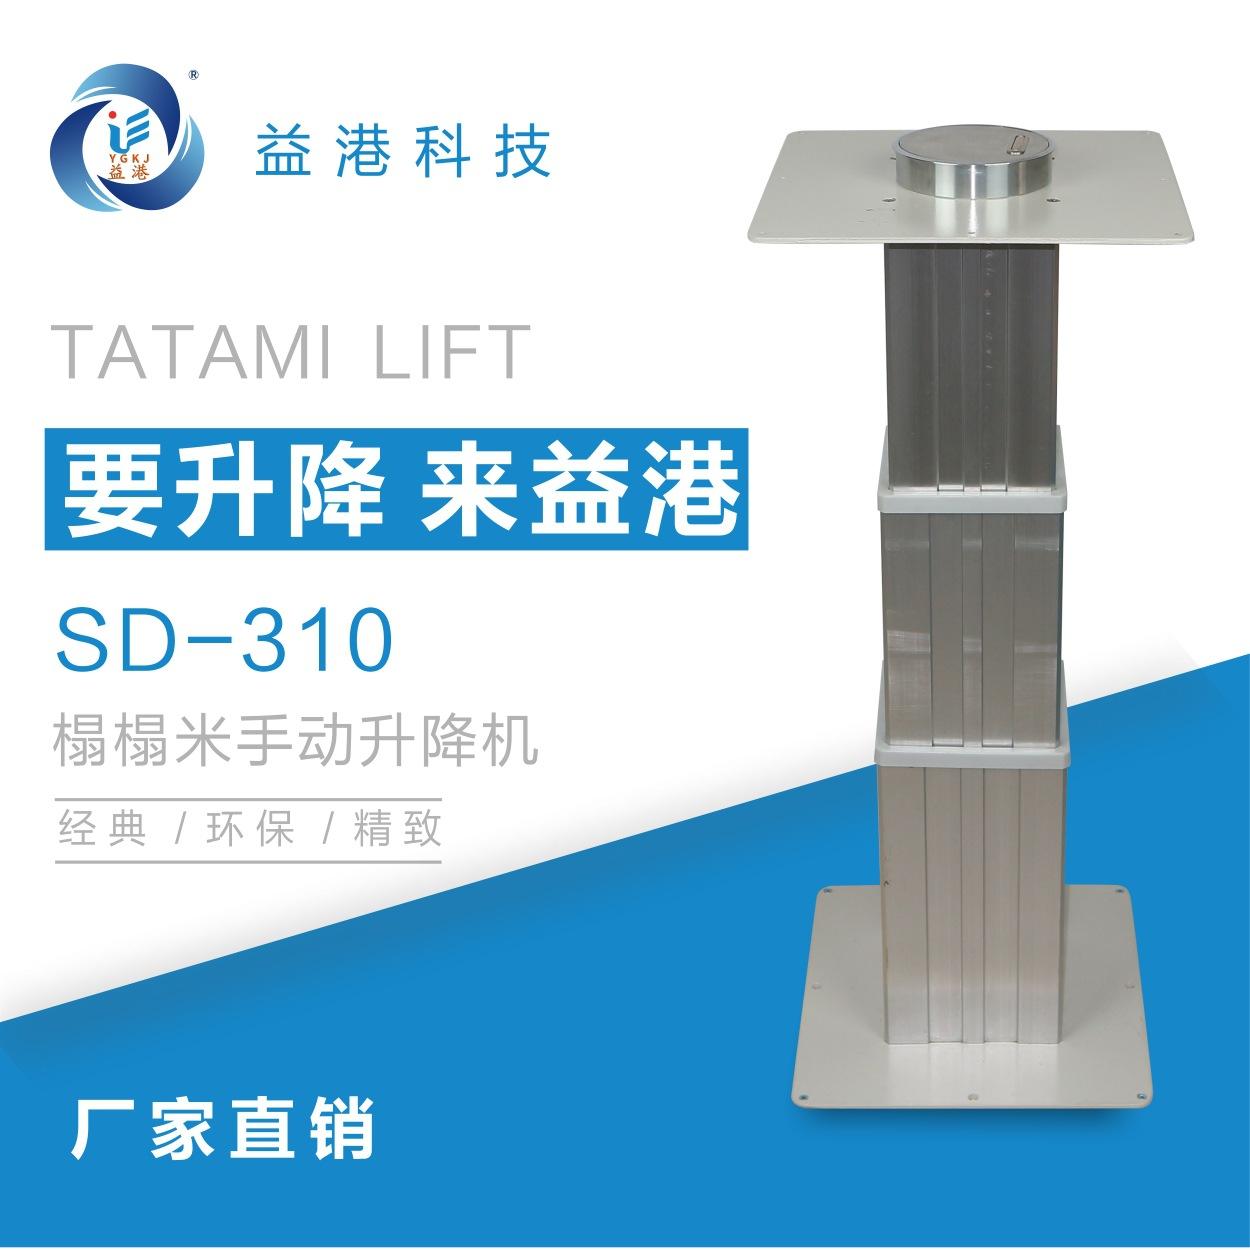 益港科技特价大铝手摇式榻榻米升降机手动大铝踏踏米升降台SD-310